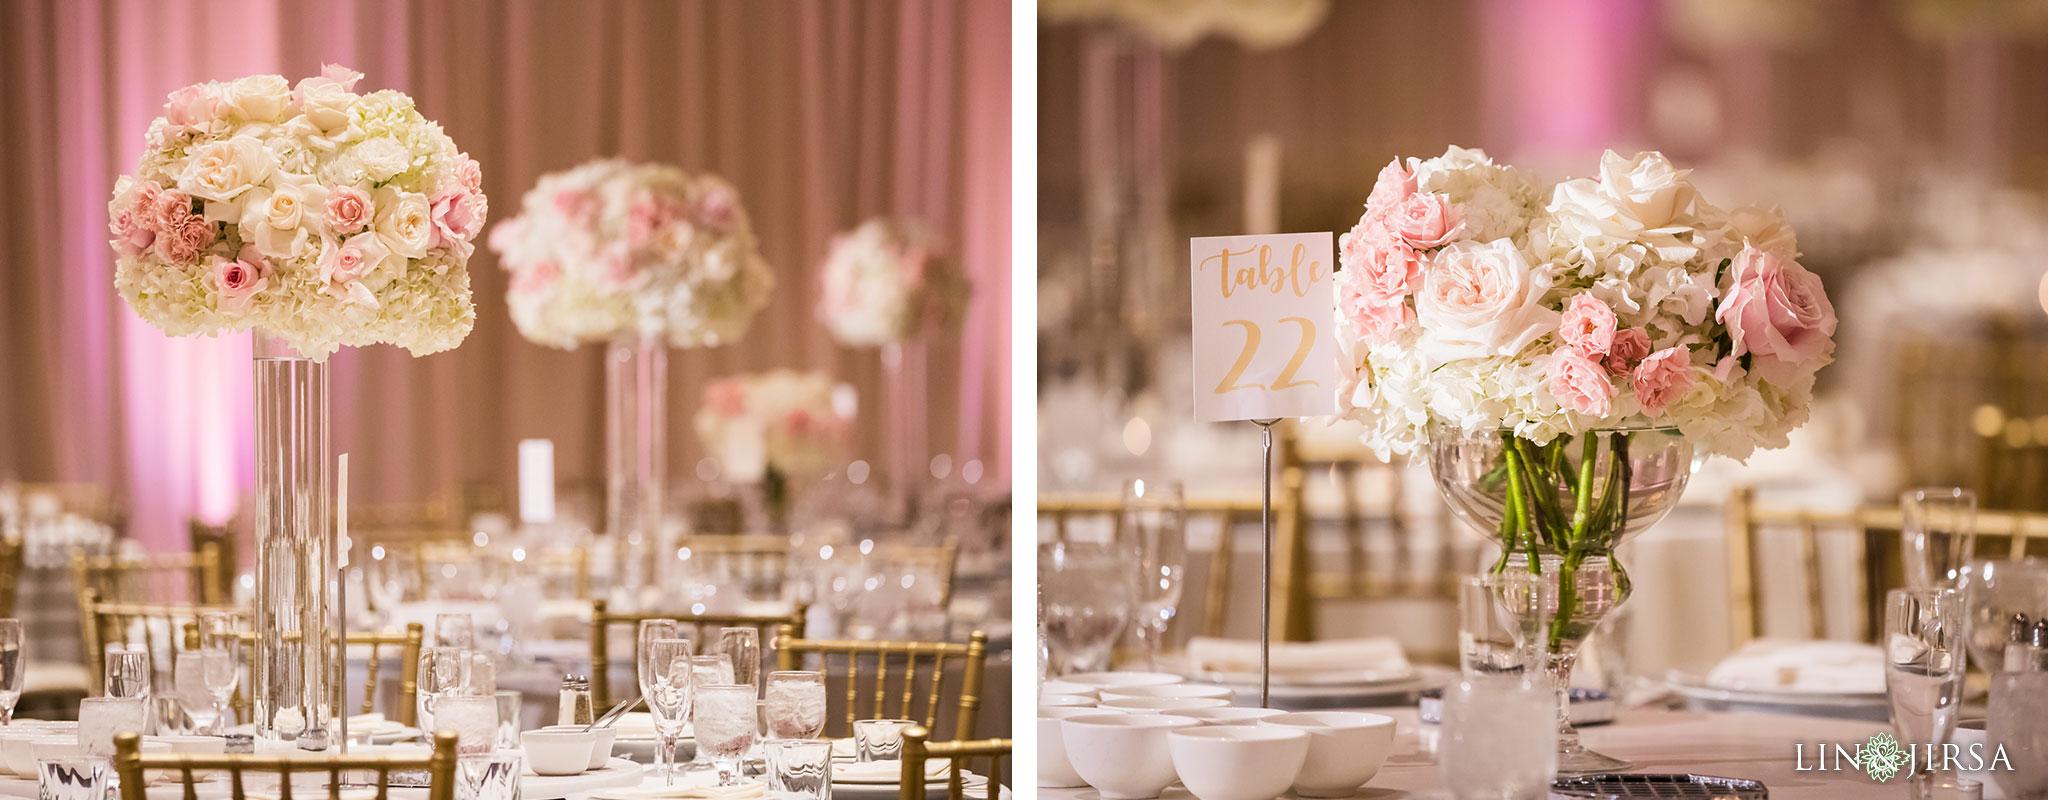 31 hilton costa mesa wedding reception photography